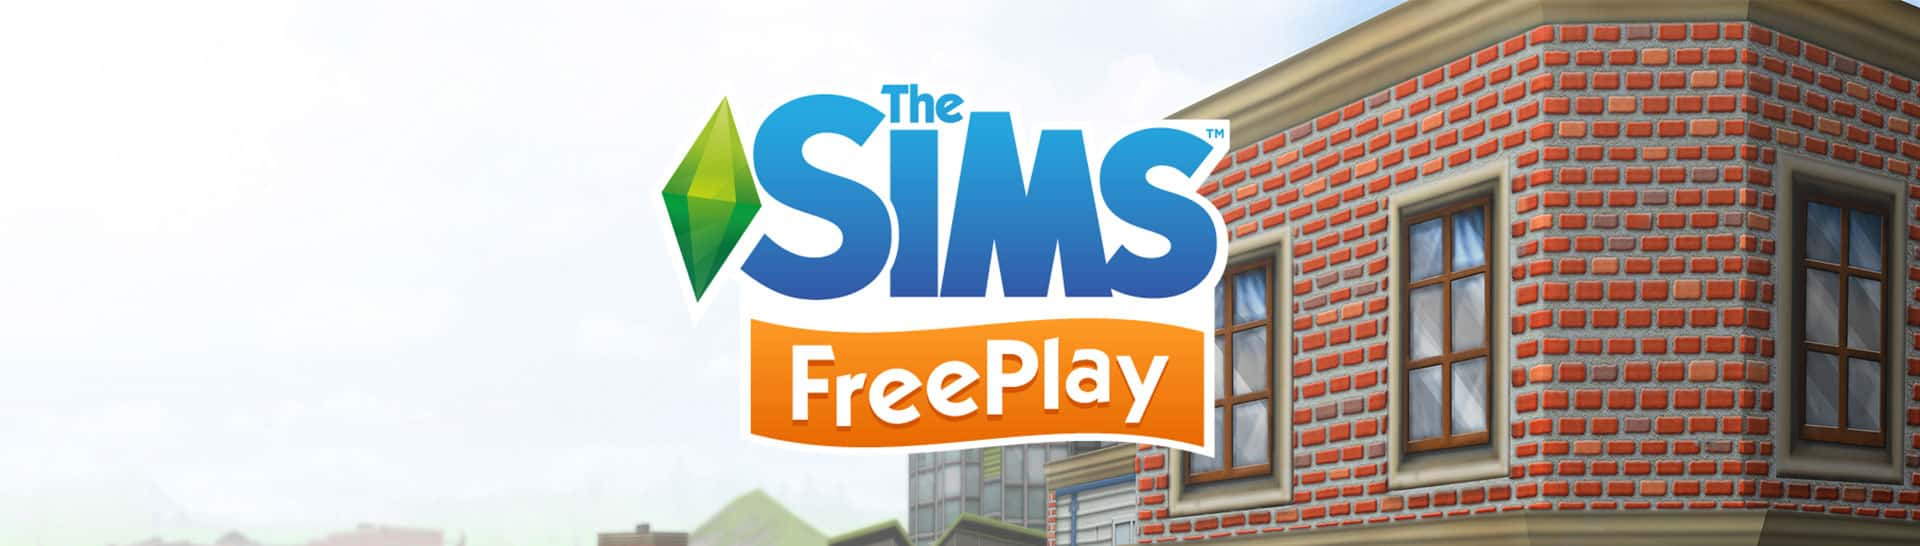 freeplaycovr